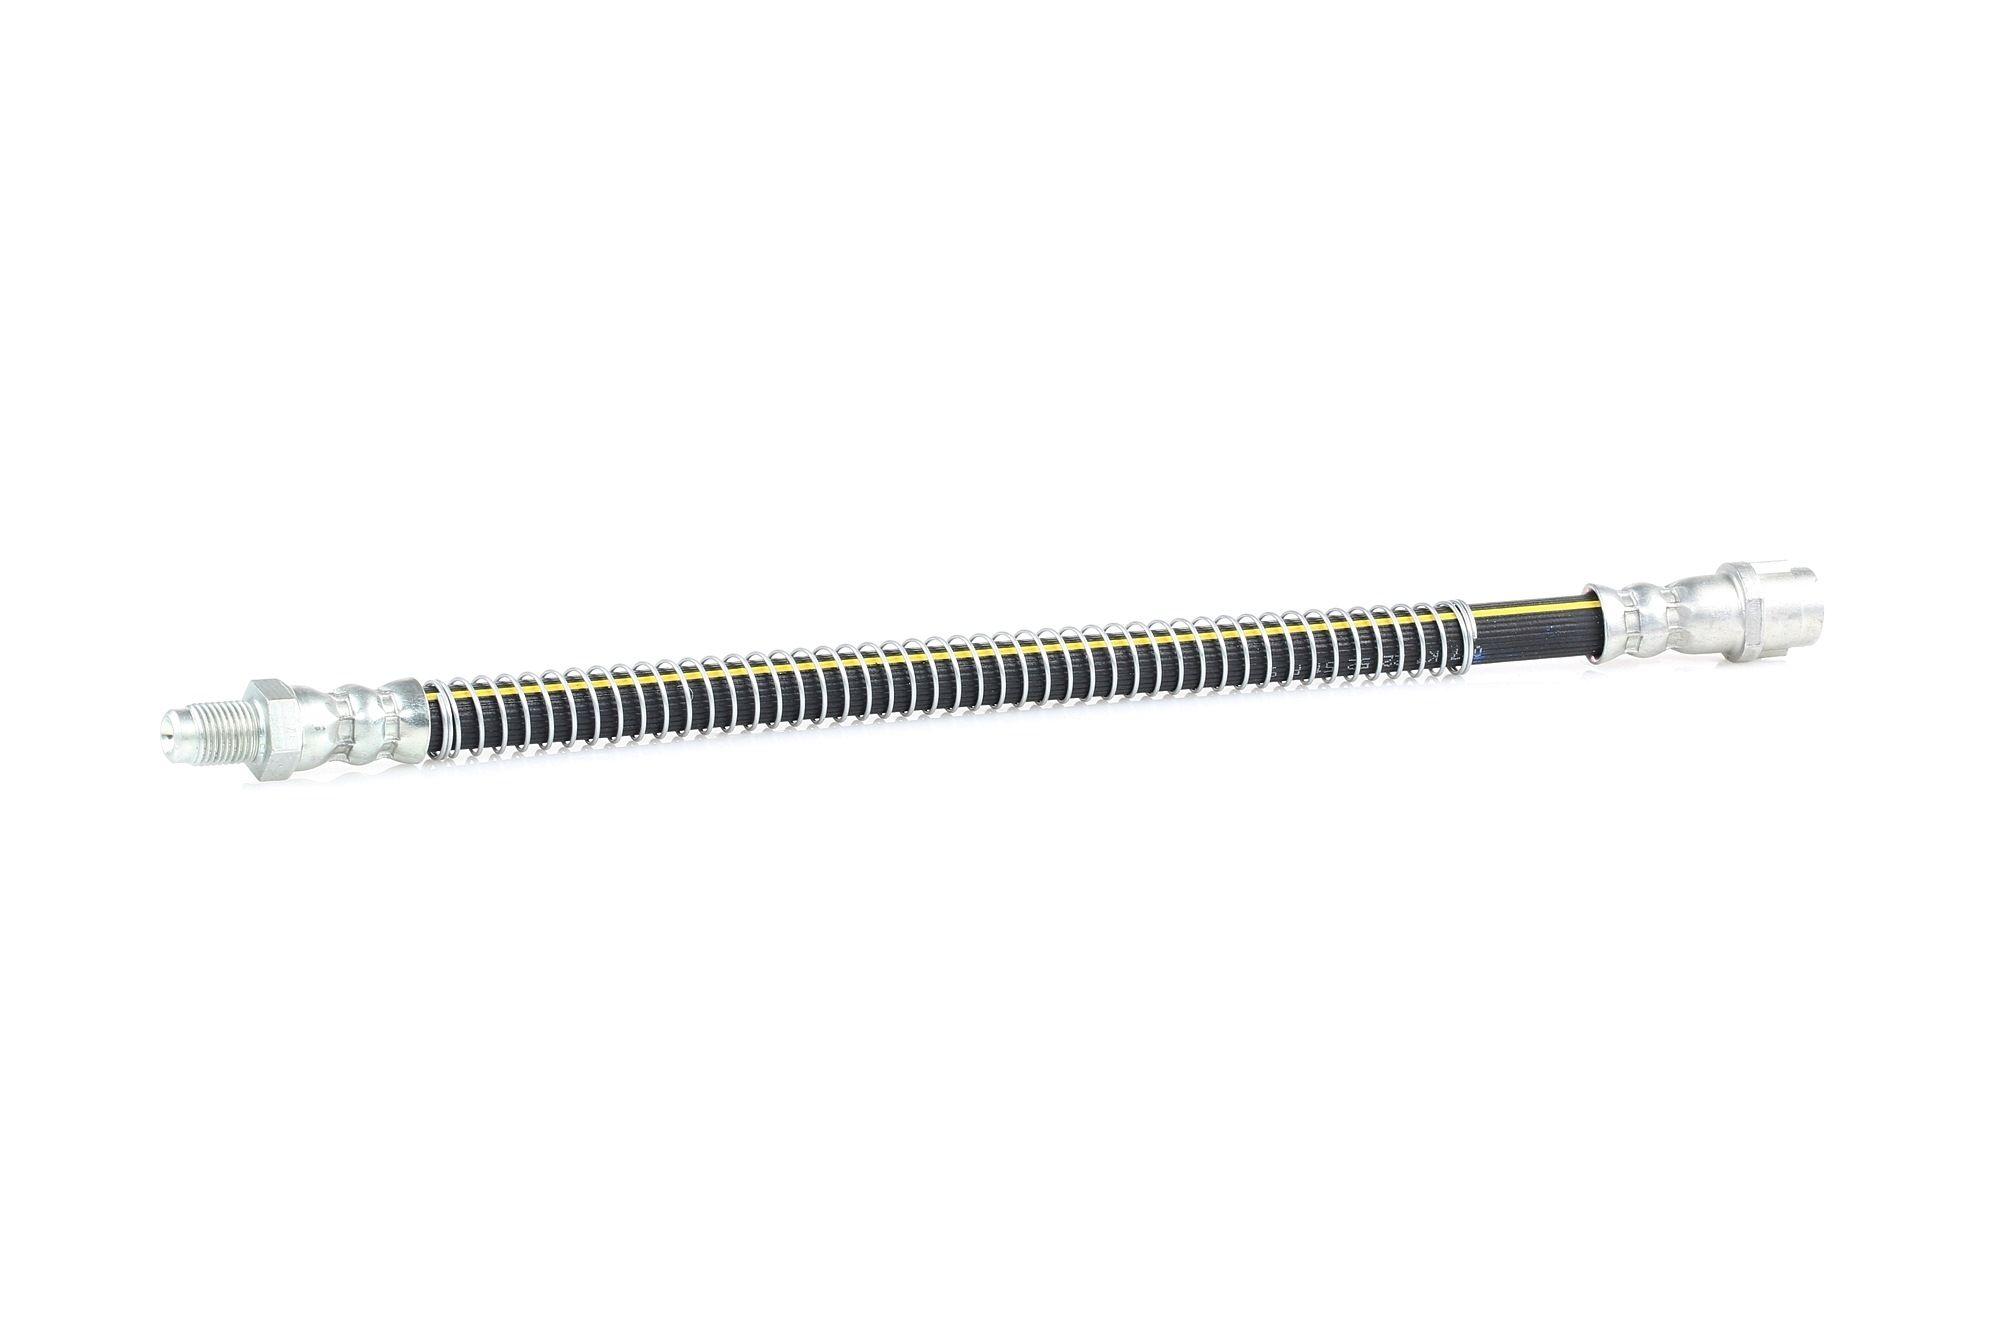 MERCEDES-BENZ S-Klasse 2014 Bremsschläuche - Original BREMBO T 50 050 Länge: 283mm, Gewindemaß 1: F10X1, Gewindemaß 2: M10X1